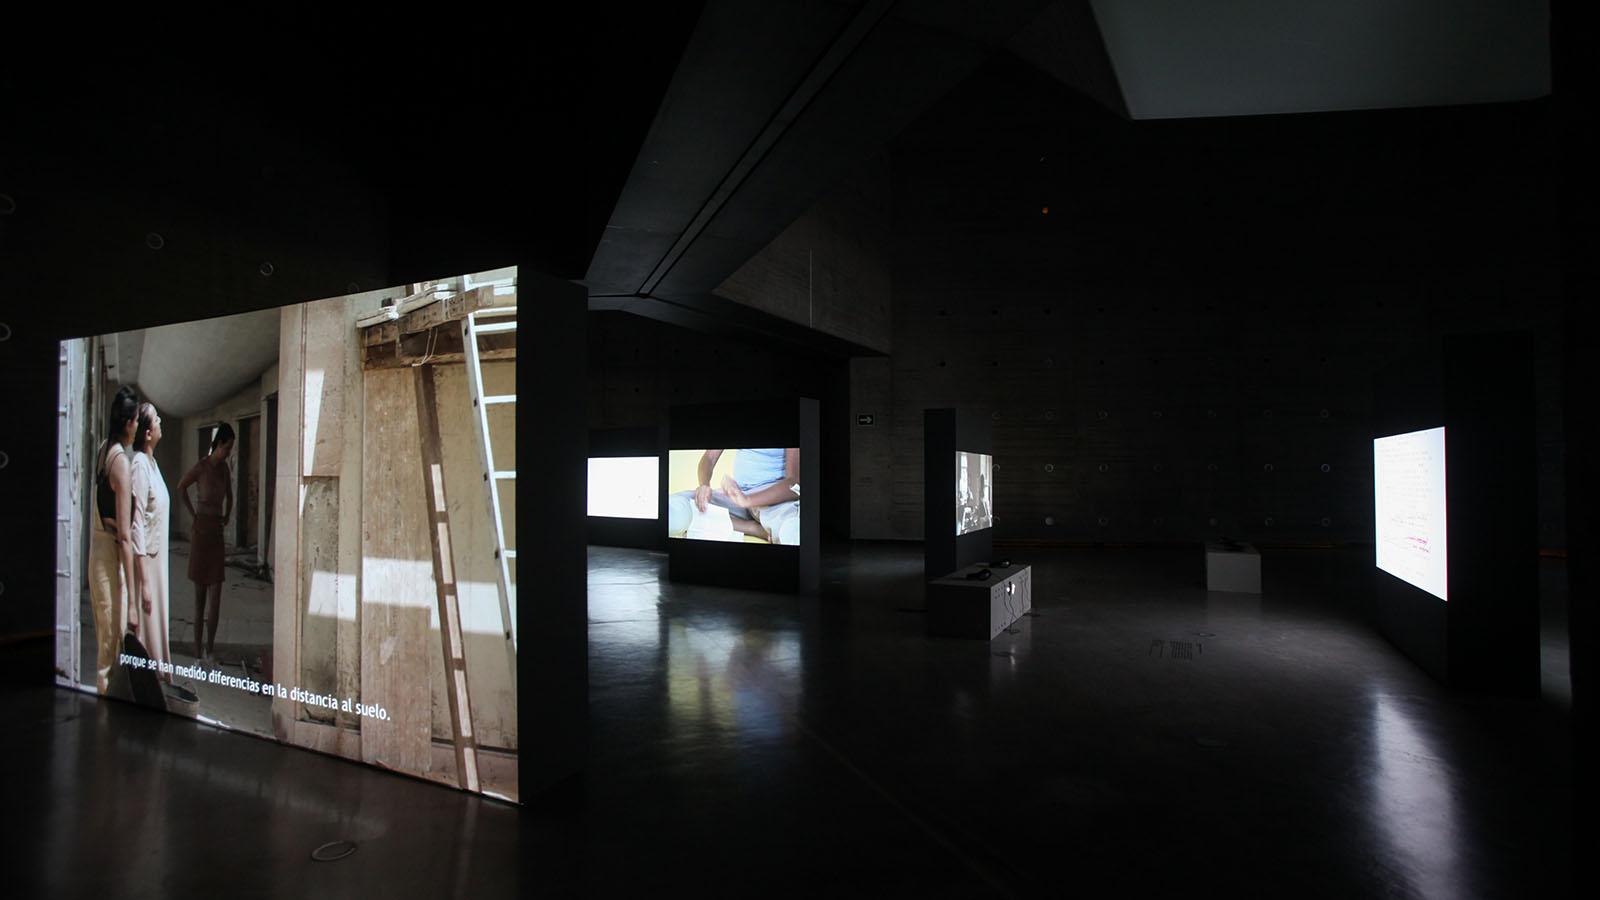 El C3A nace en Córdoba con la vocación de convertirse en el centro de referencia para la creación y producción artística en Andalucía. Para ello, cuenta con más de 1.000 metros cuadrados de talleres para la creación visual y laboratorios para el audiovisual.